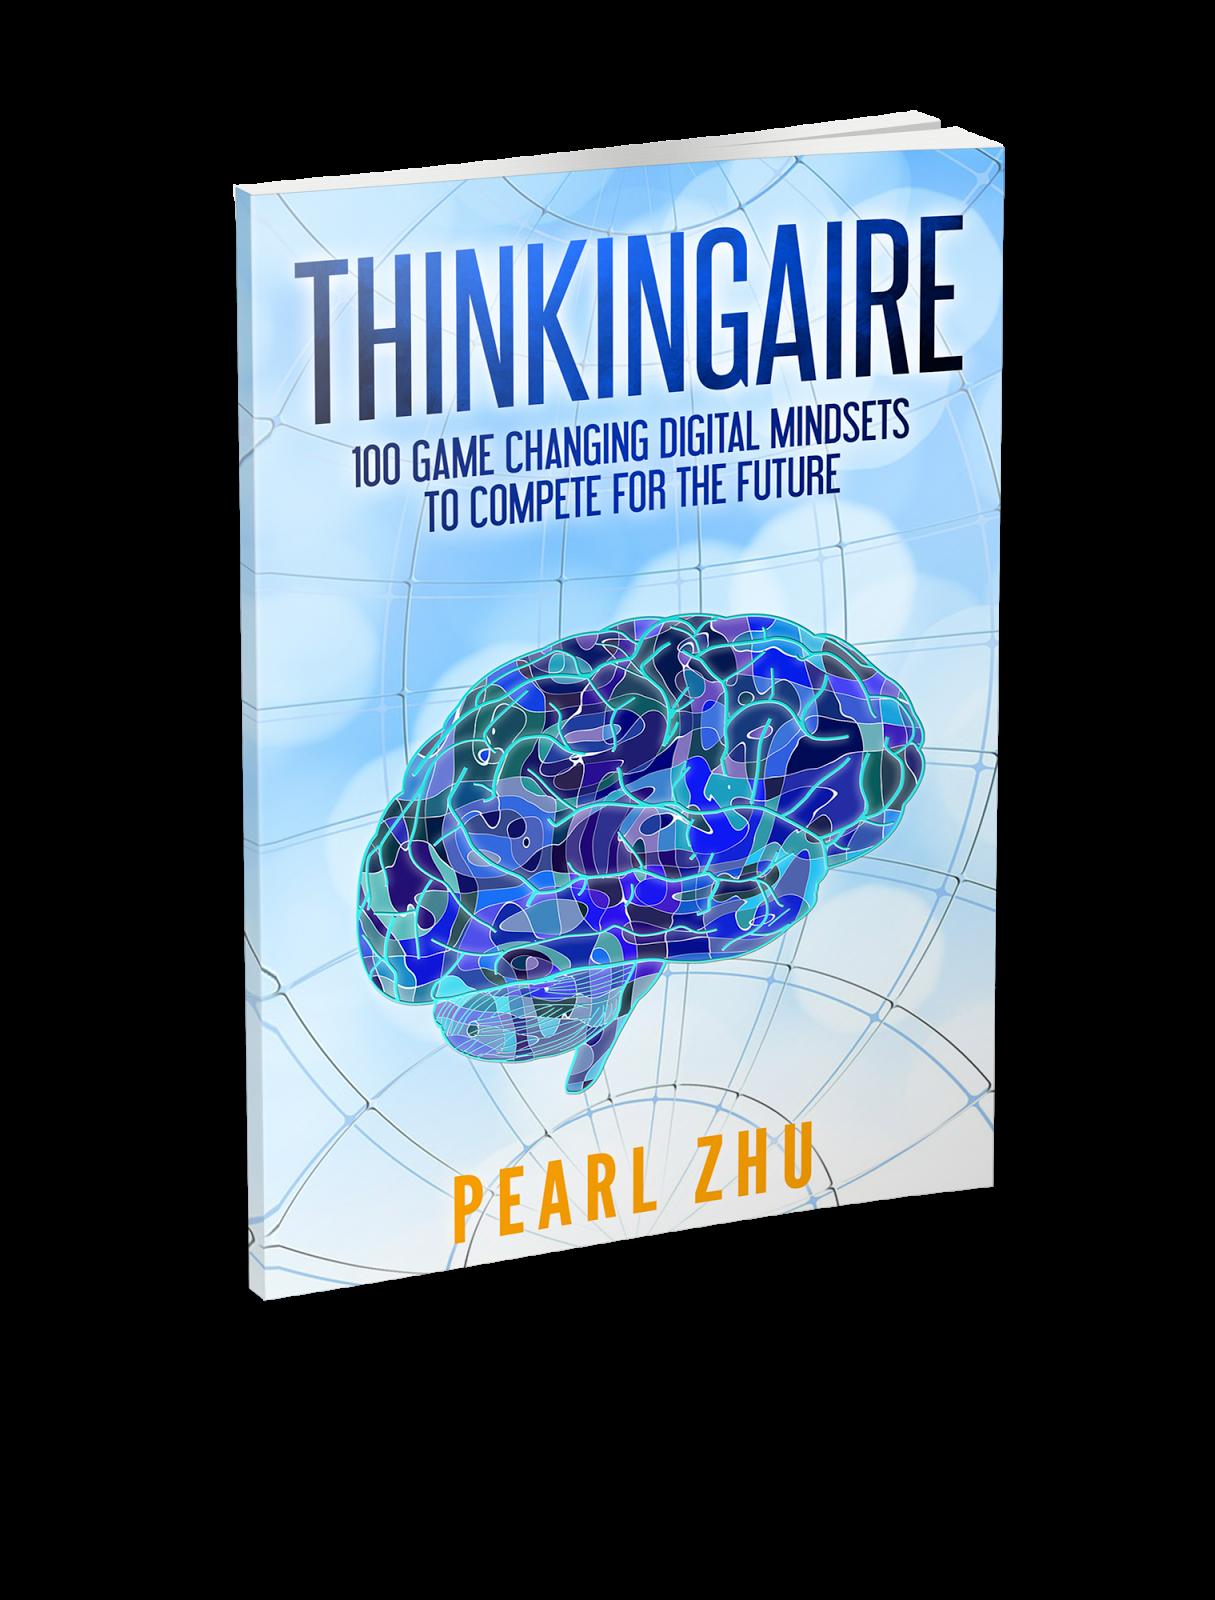 Thinkingaire